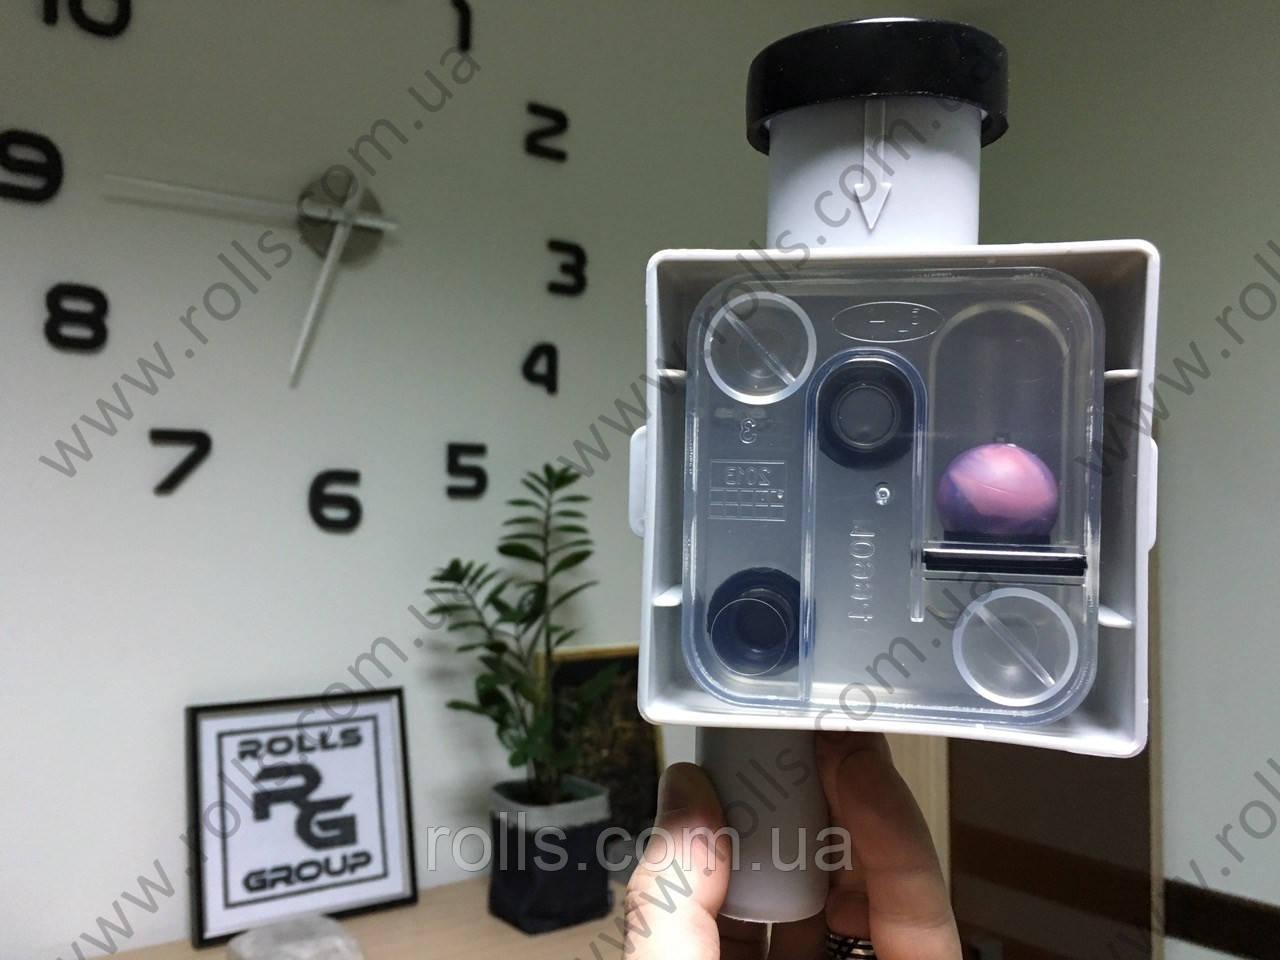 HL138 Встроенный сифон для кондиционеров и фанкойлов, DN32мм, скрытая установка, для сброса дренажа